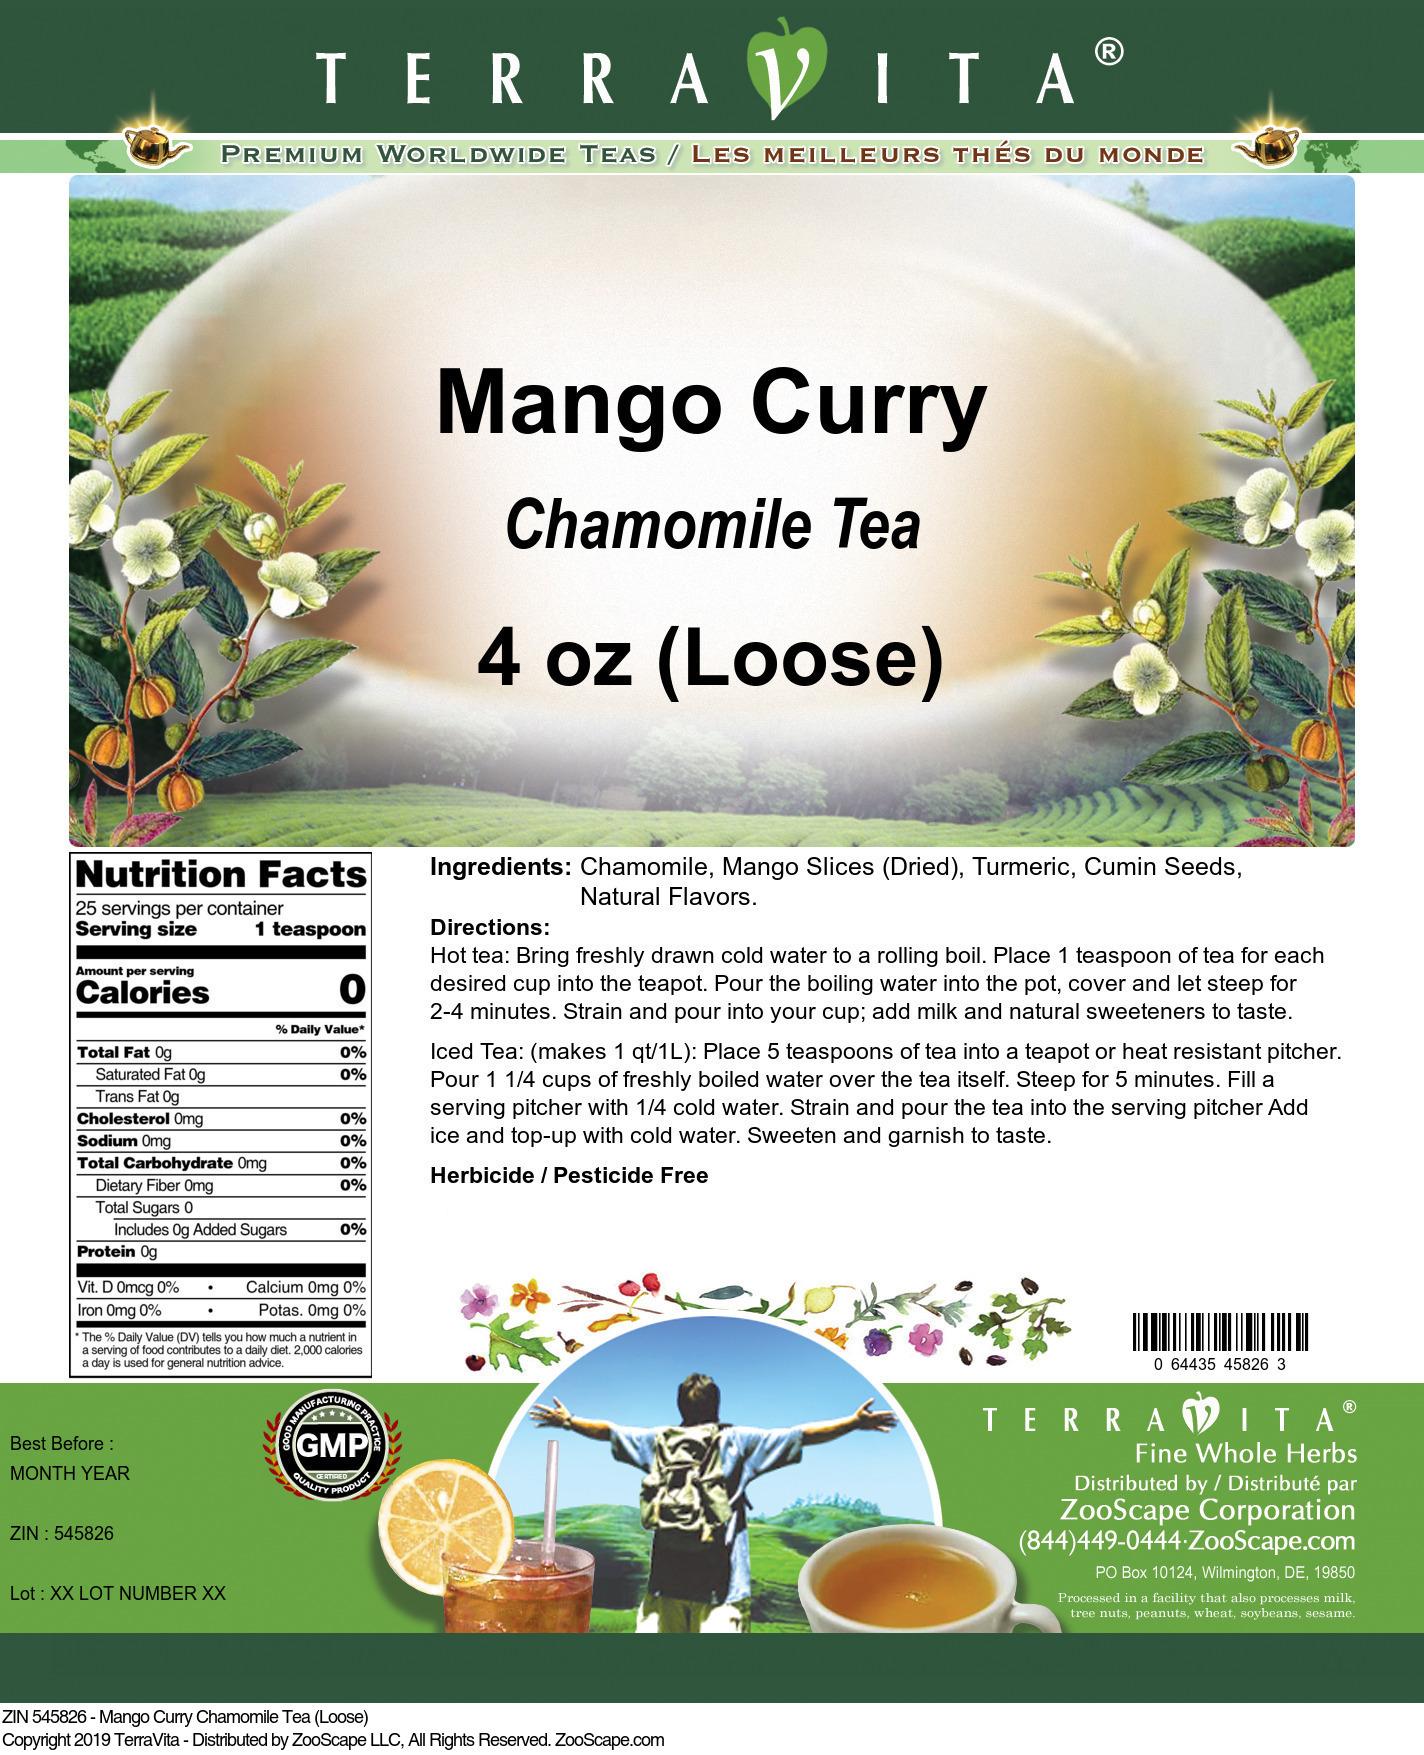 Mango Curry Chamomile Tea